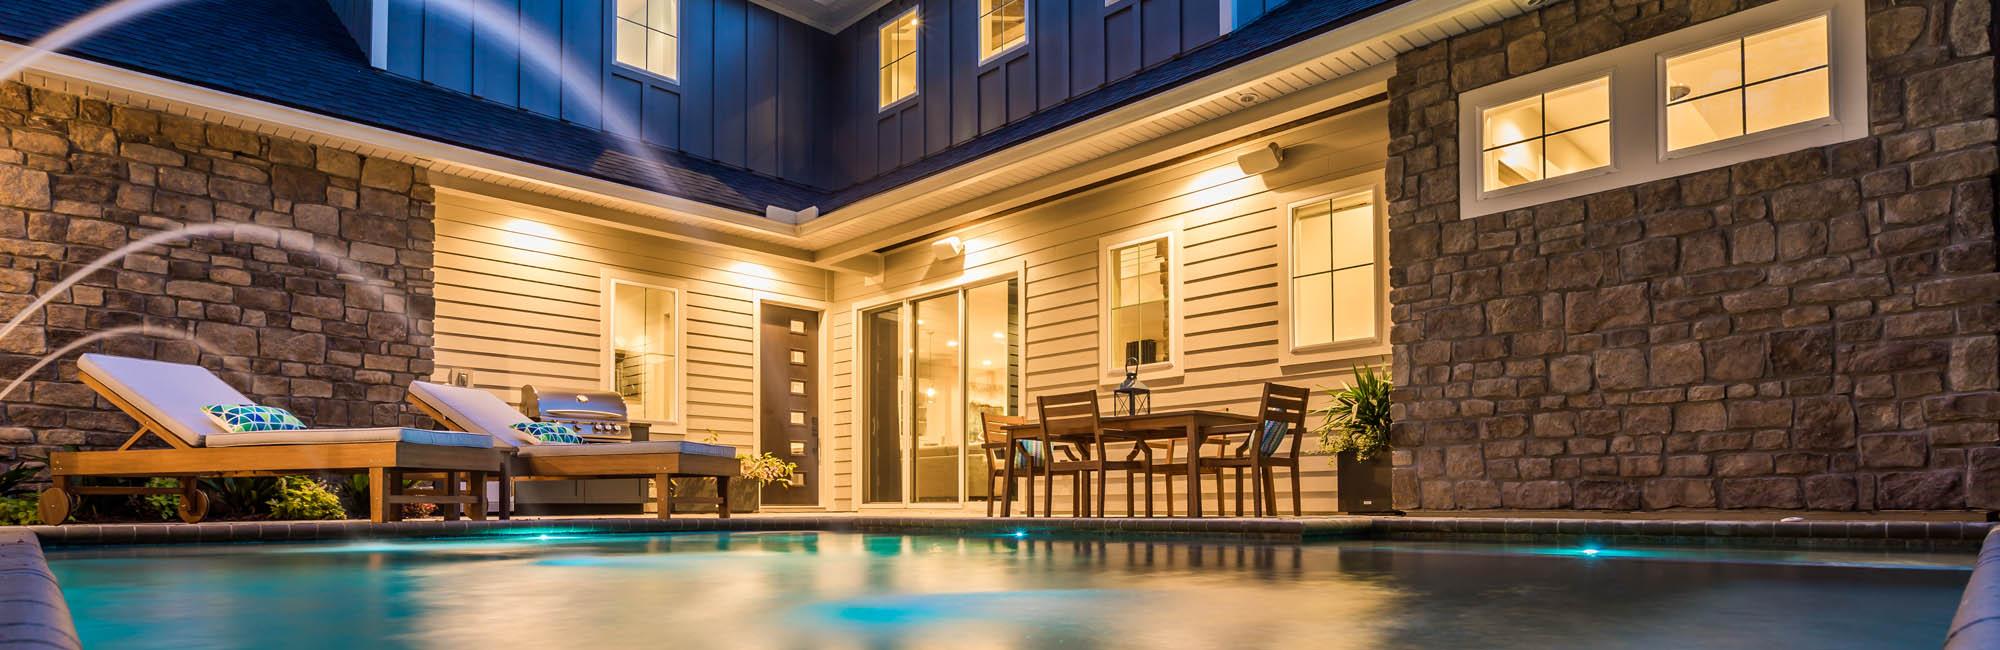 Jacksonville custom home builder Starr® Custom Homes